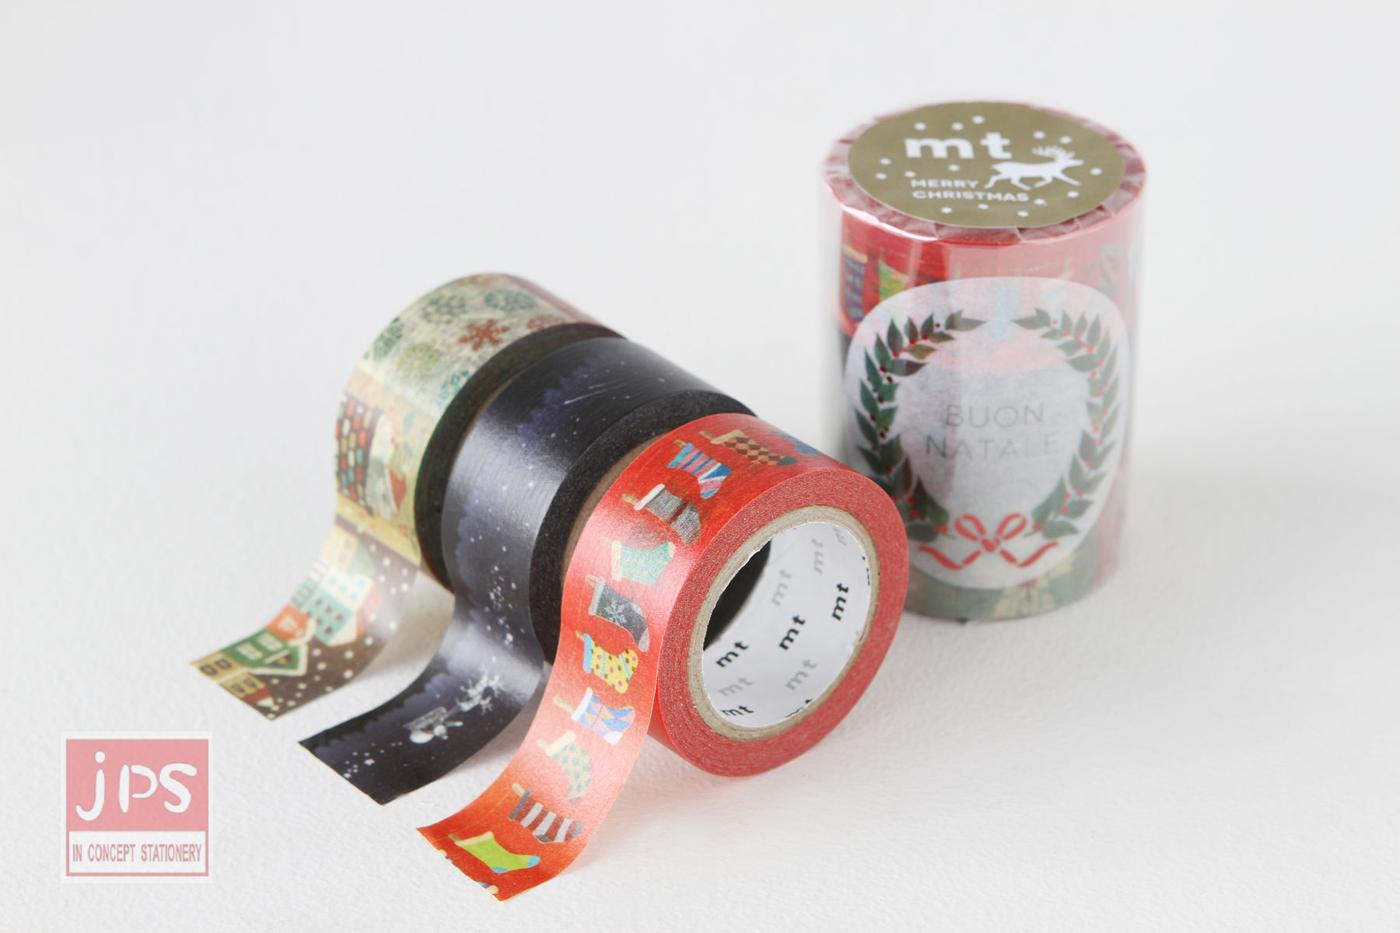 日本mt和紙膠帶2015聖誕款3入C款.附限定貼紙MTCMAS54